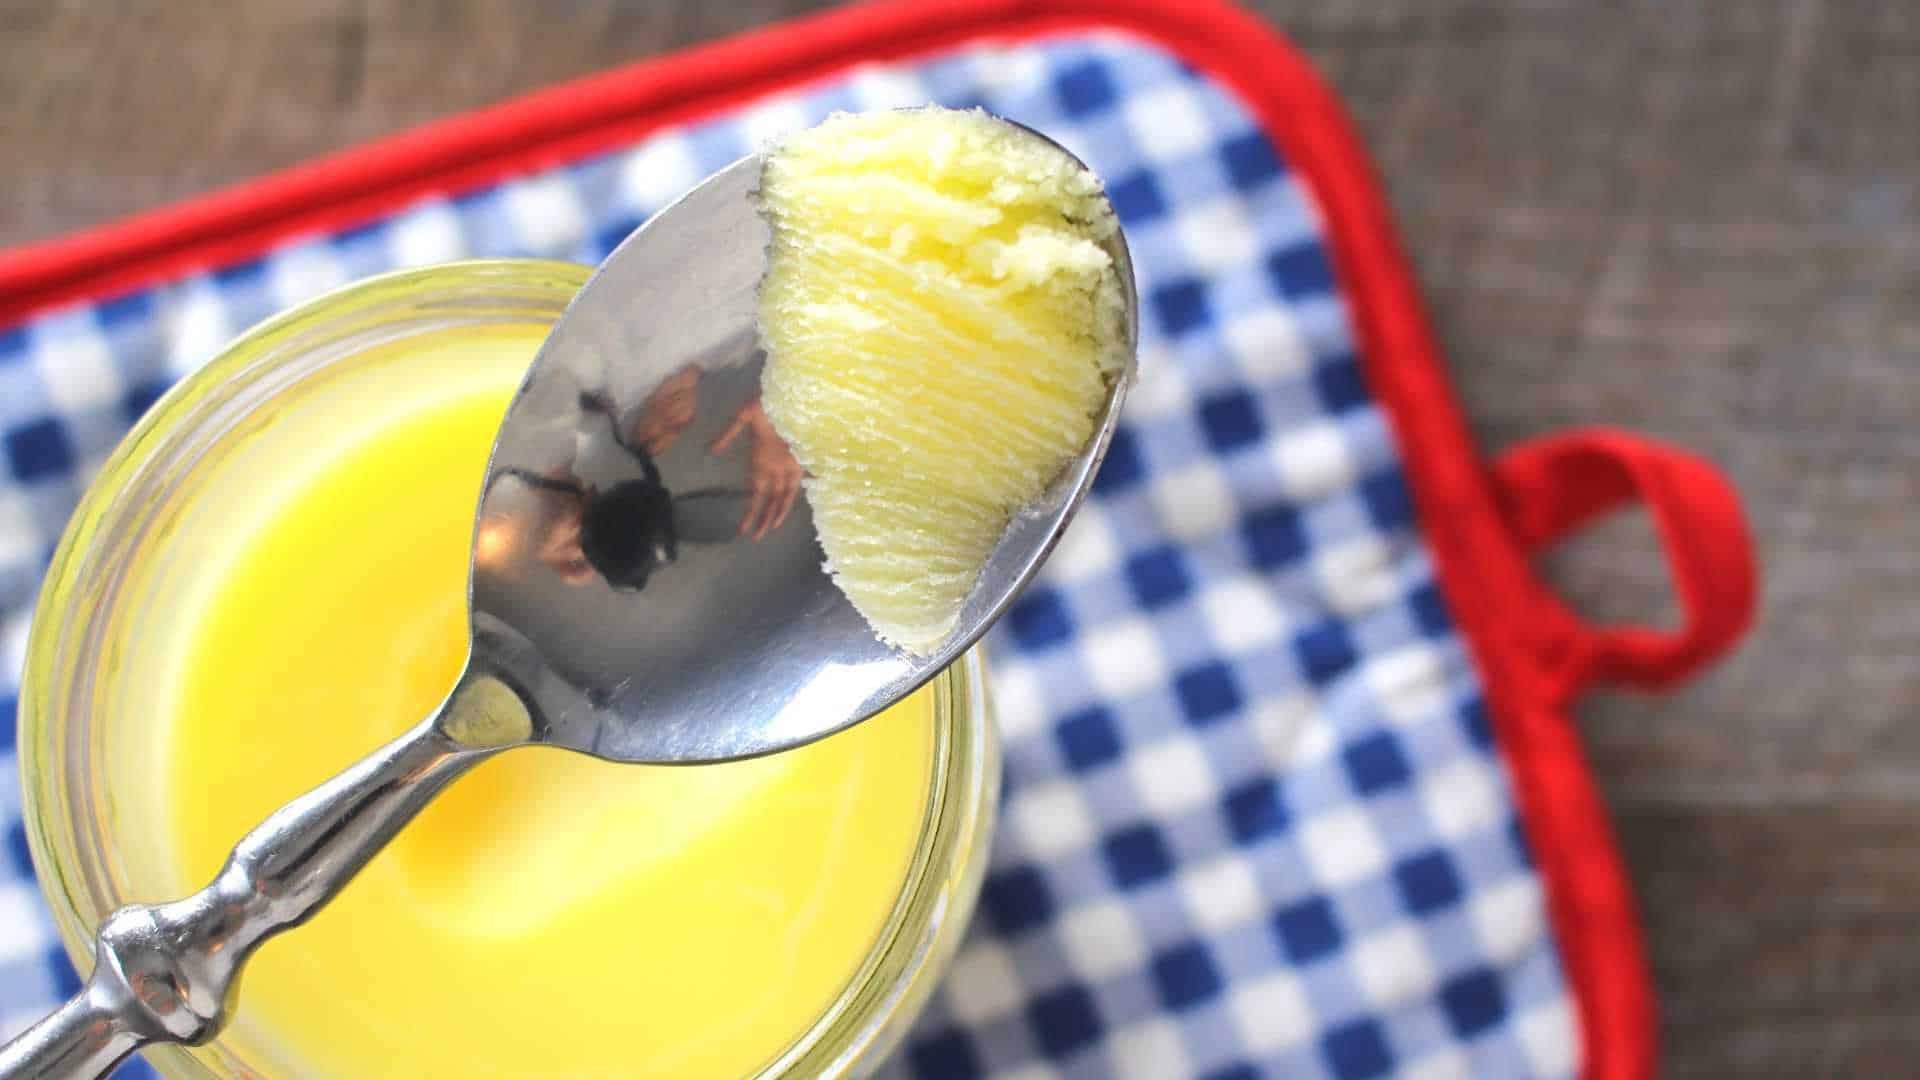 German Clarified Butter